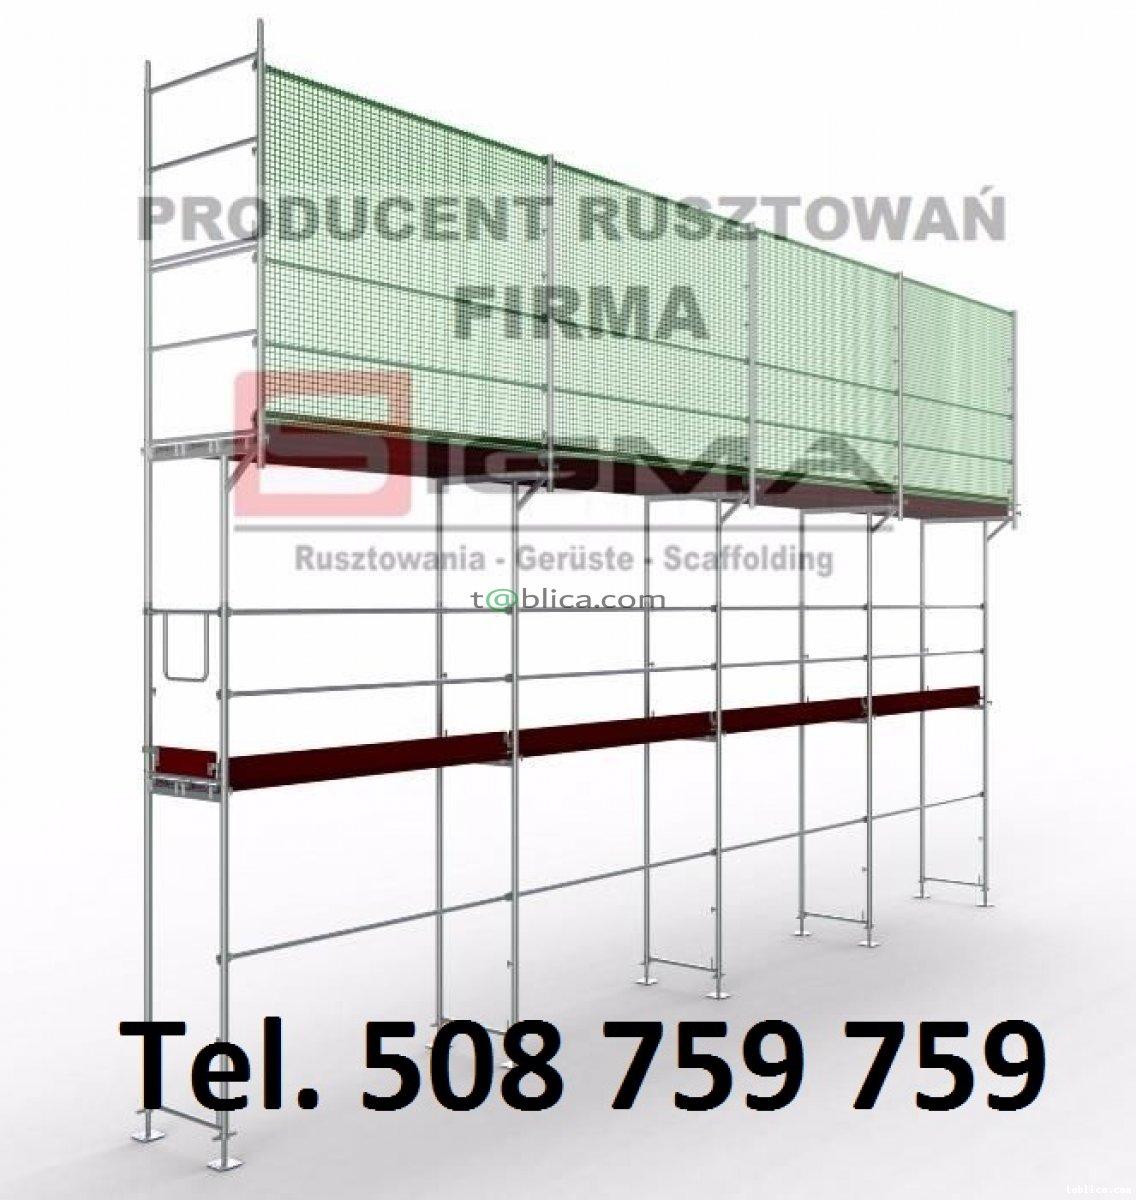 Kompletne rusztowanie elewacyjne 390m2 (6,5m x 60m)